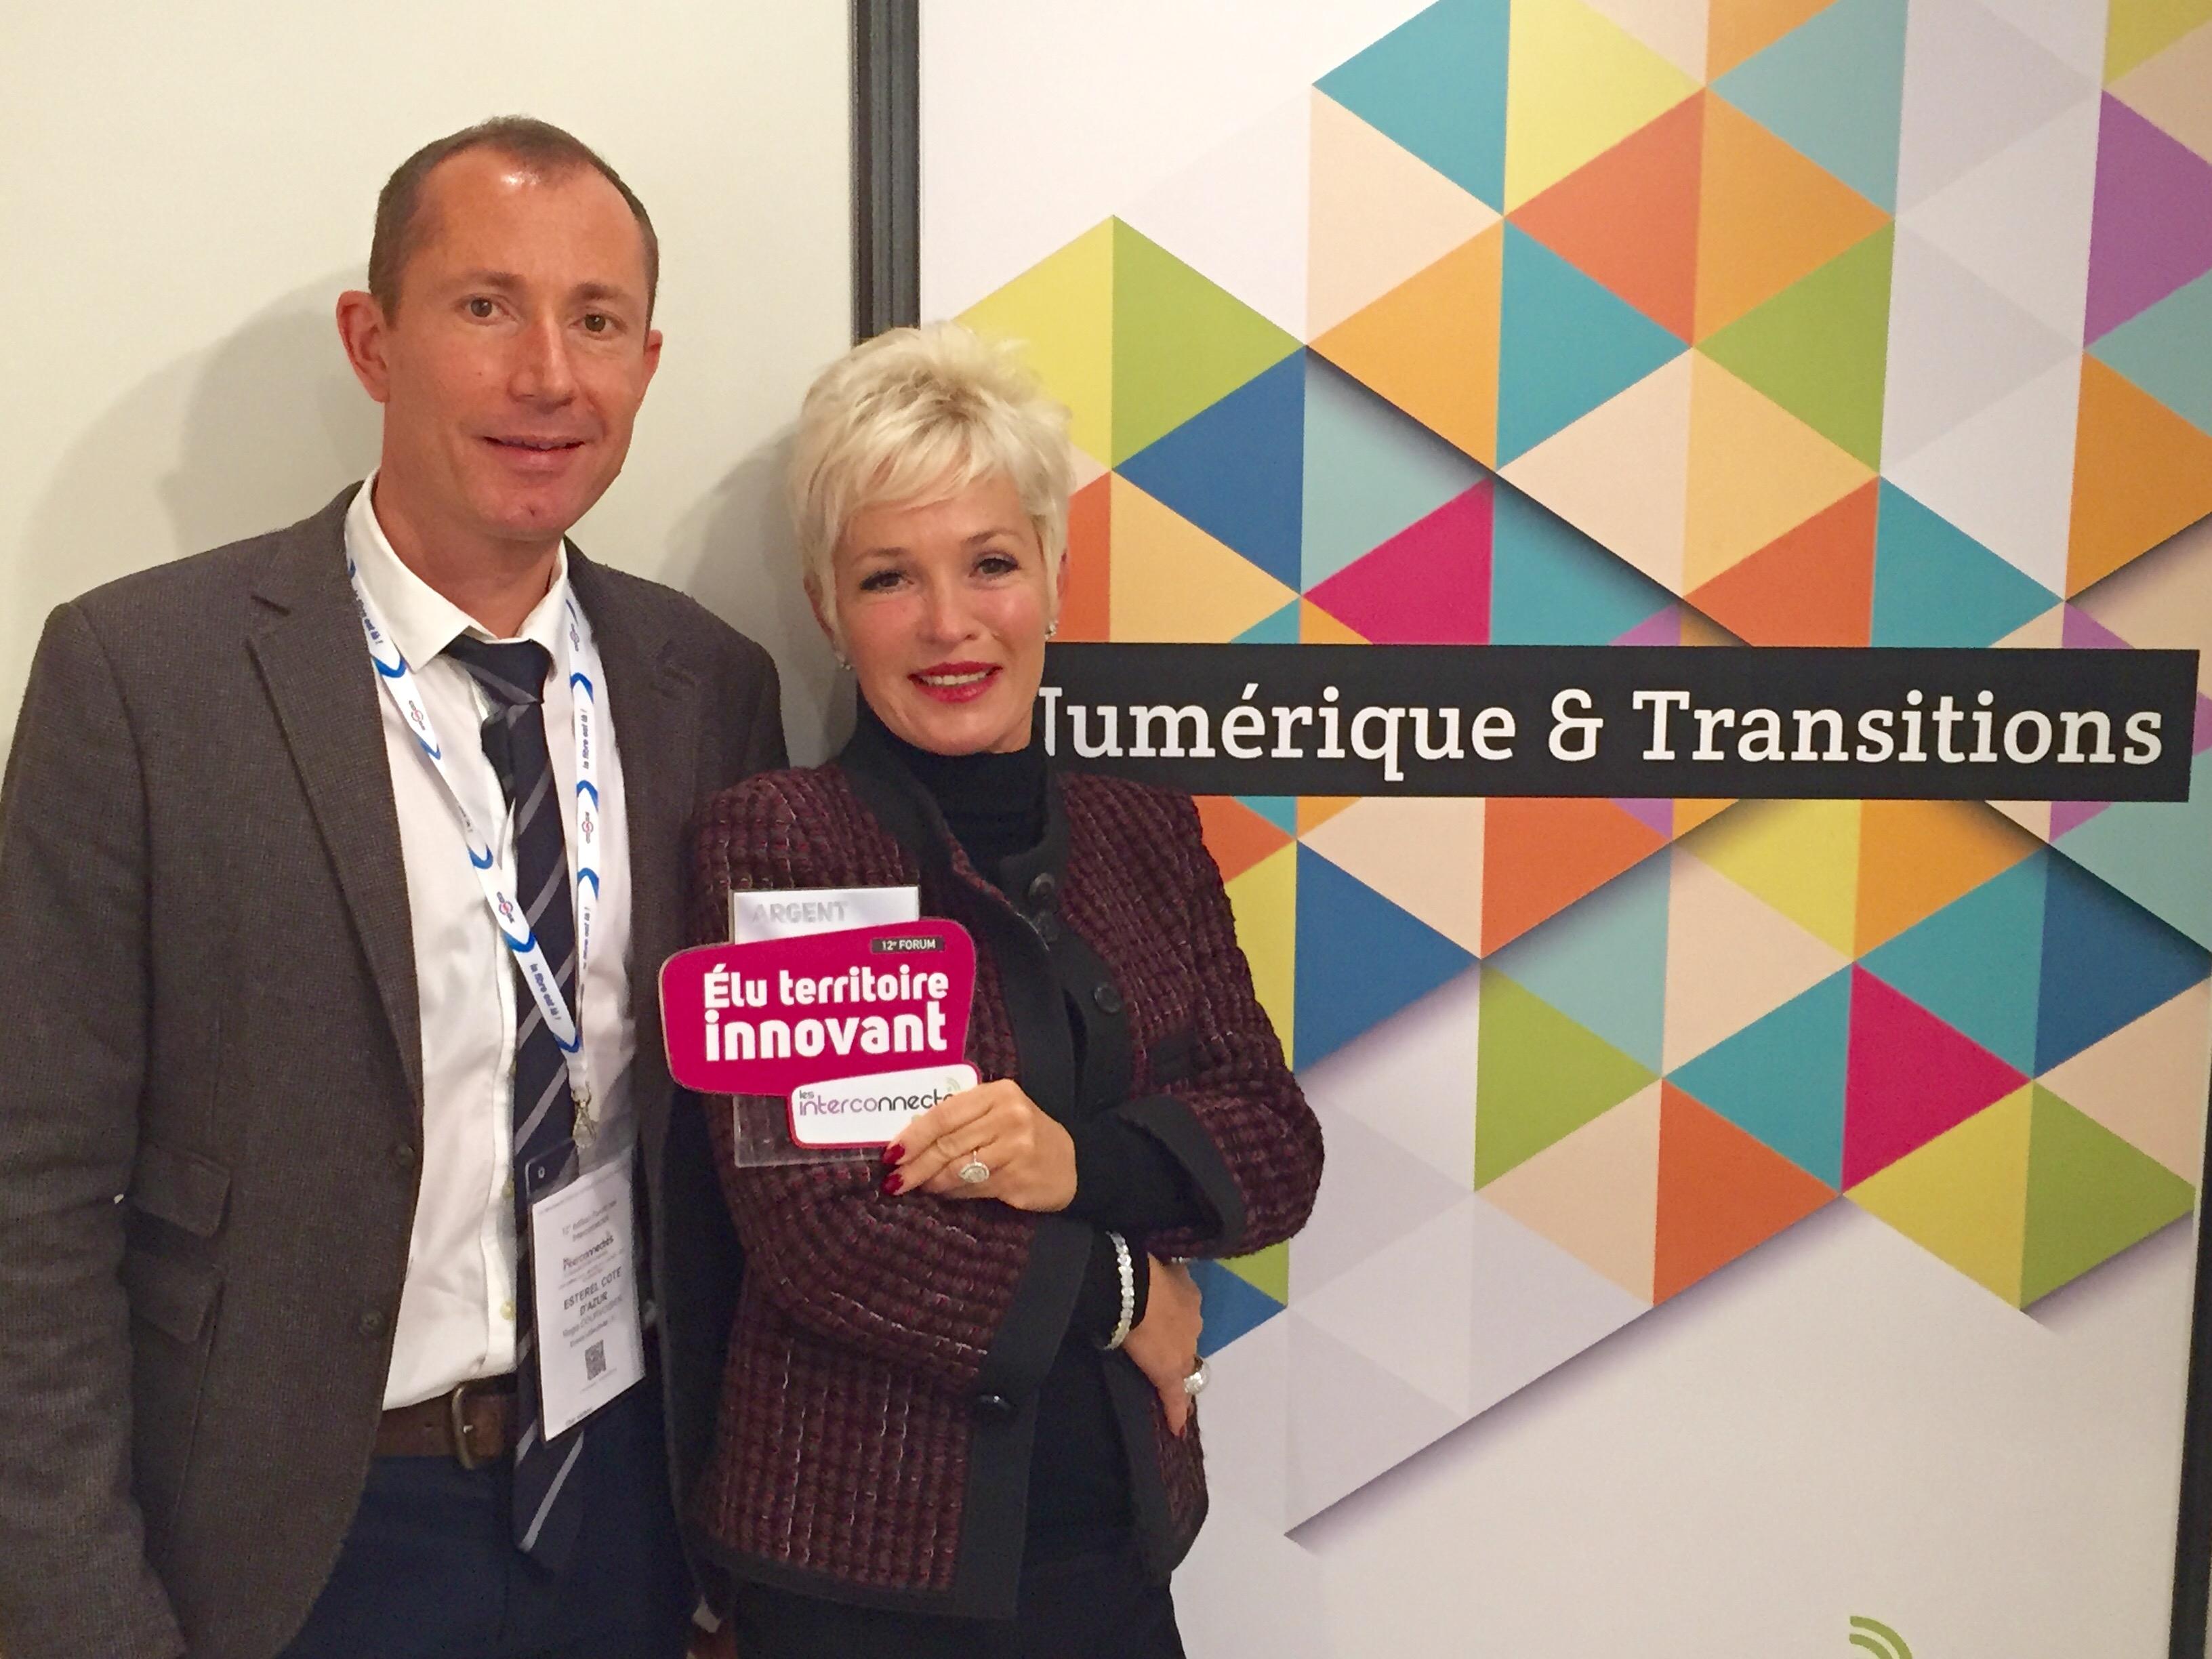 Estérel Côte d'Azur élu «Territoire Innovant 2015»